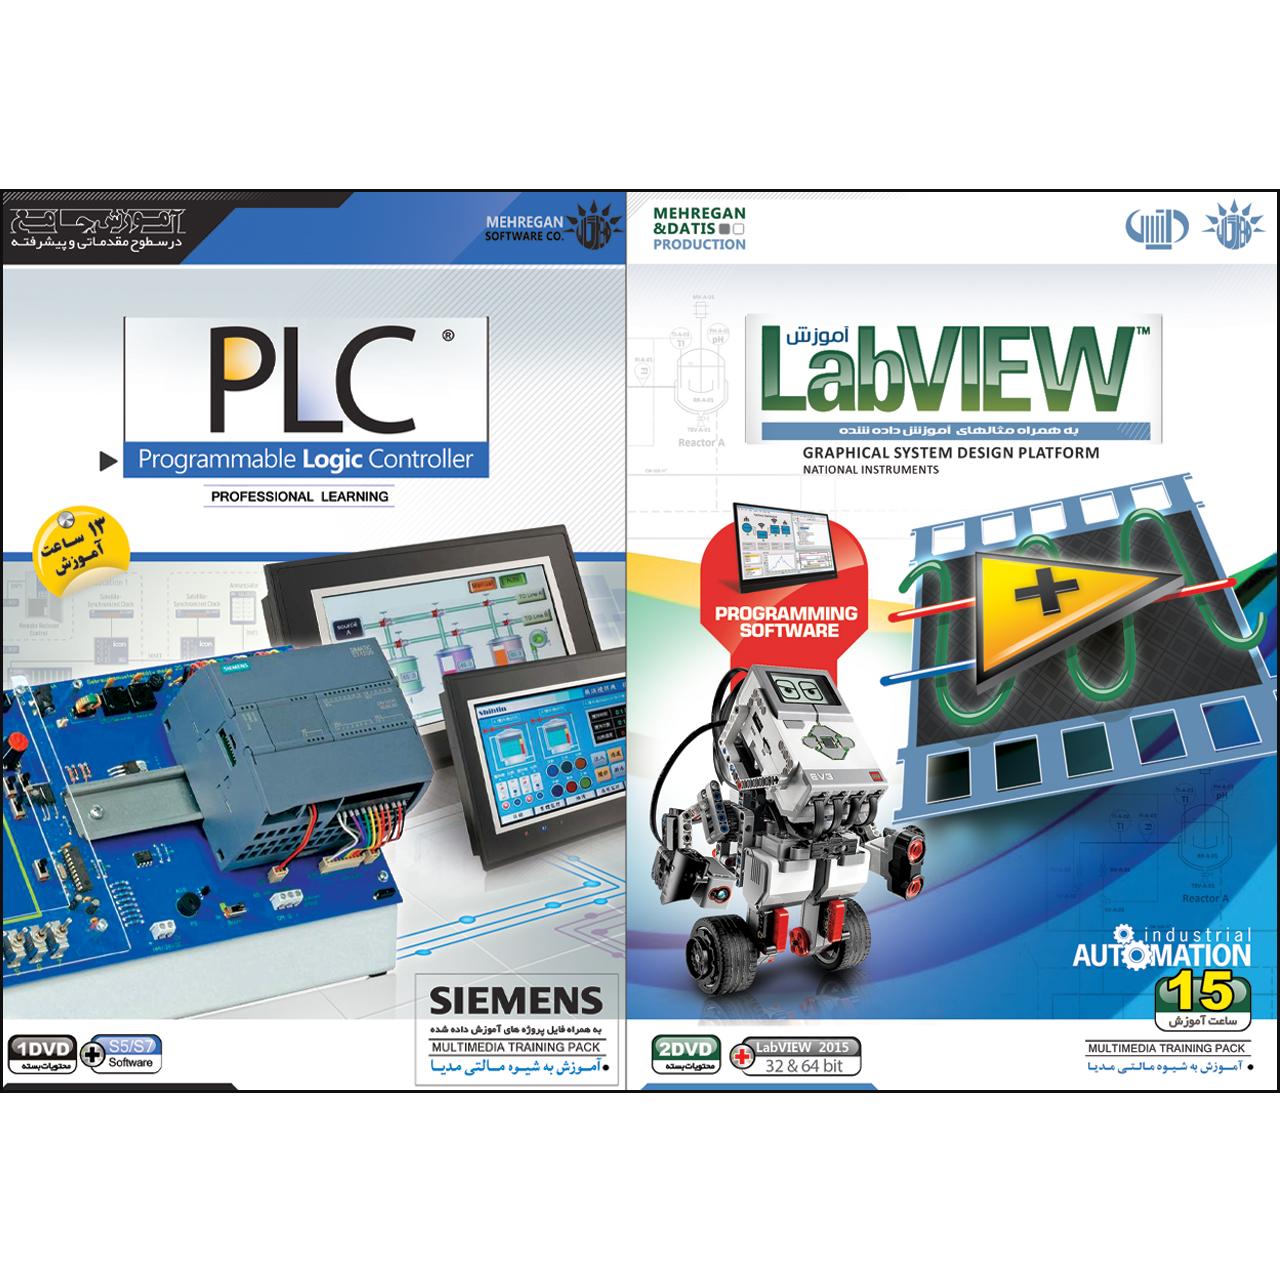 نرم افزار آموزش  plc نشر مهرگان به همراه نرم افزار آموزش Labview نشر مهرگان